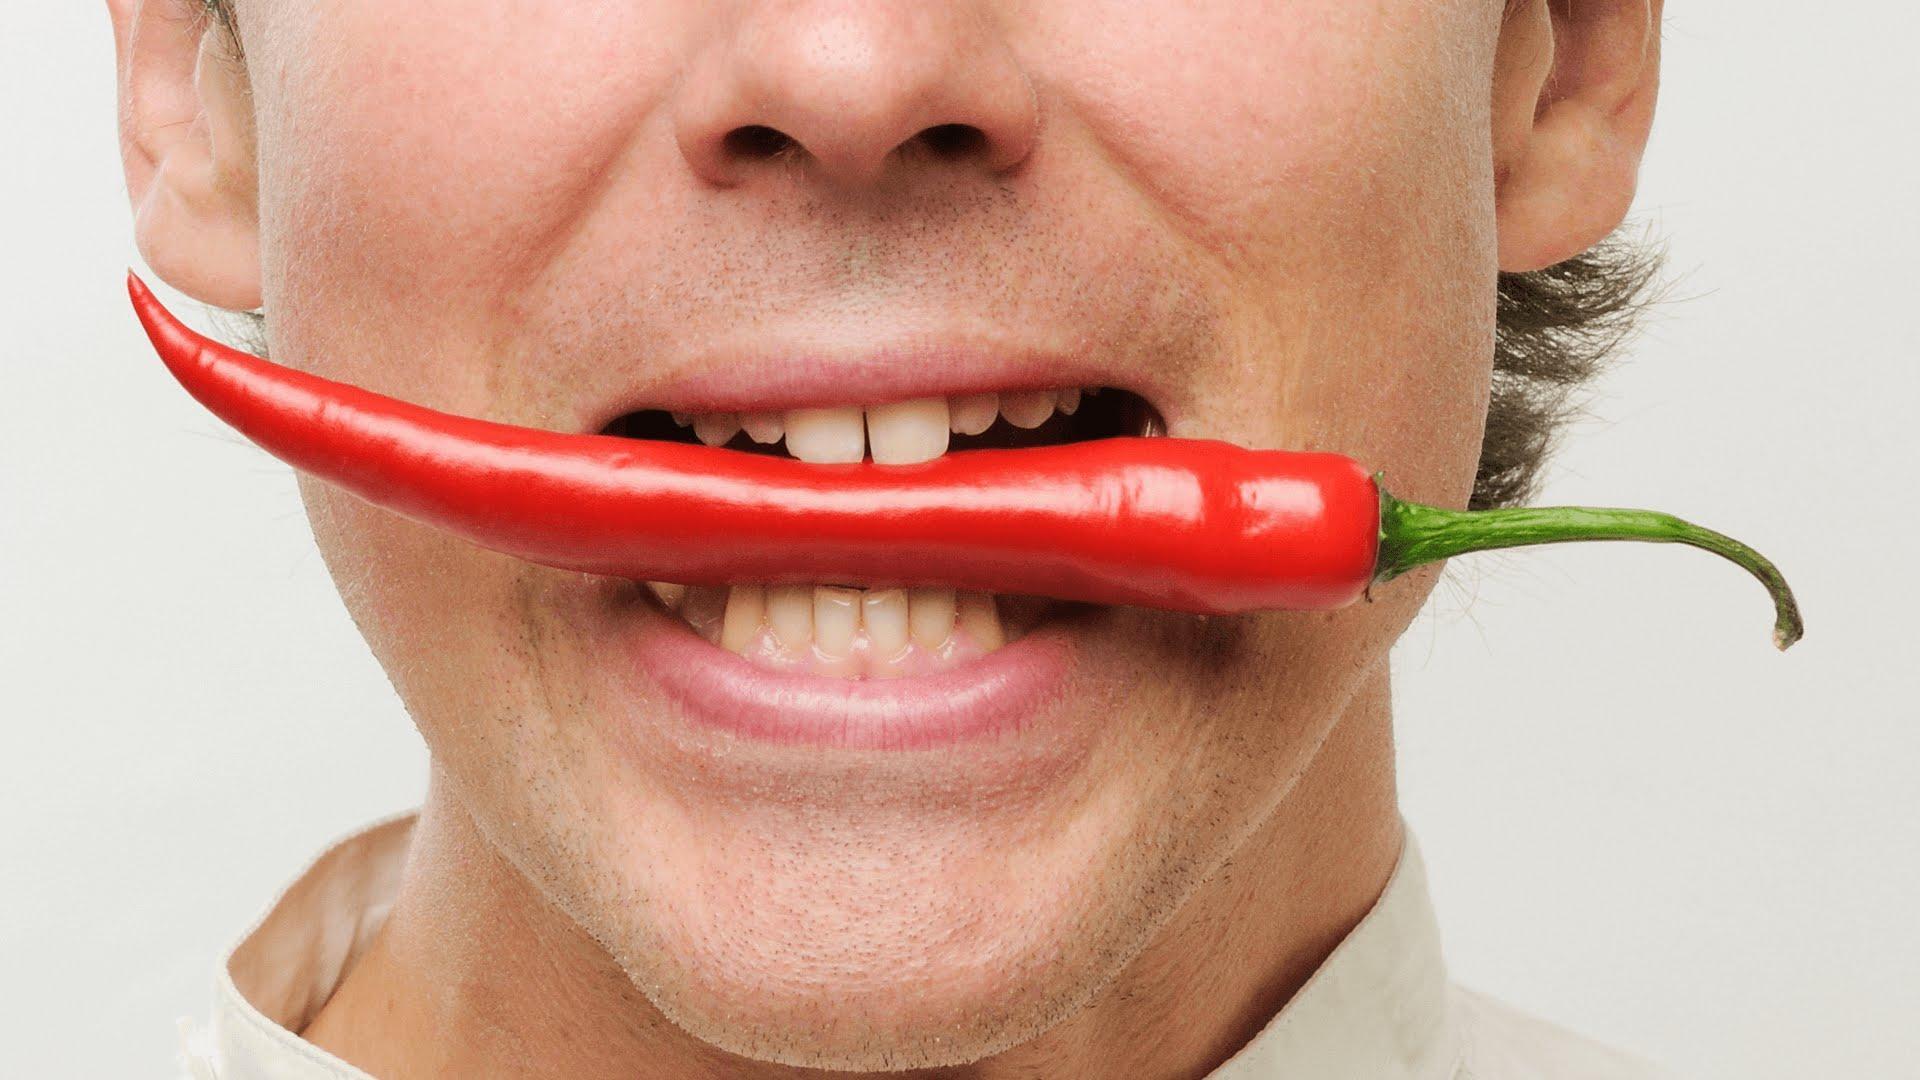 Синдром горящего рта